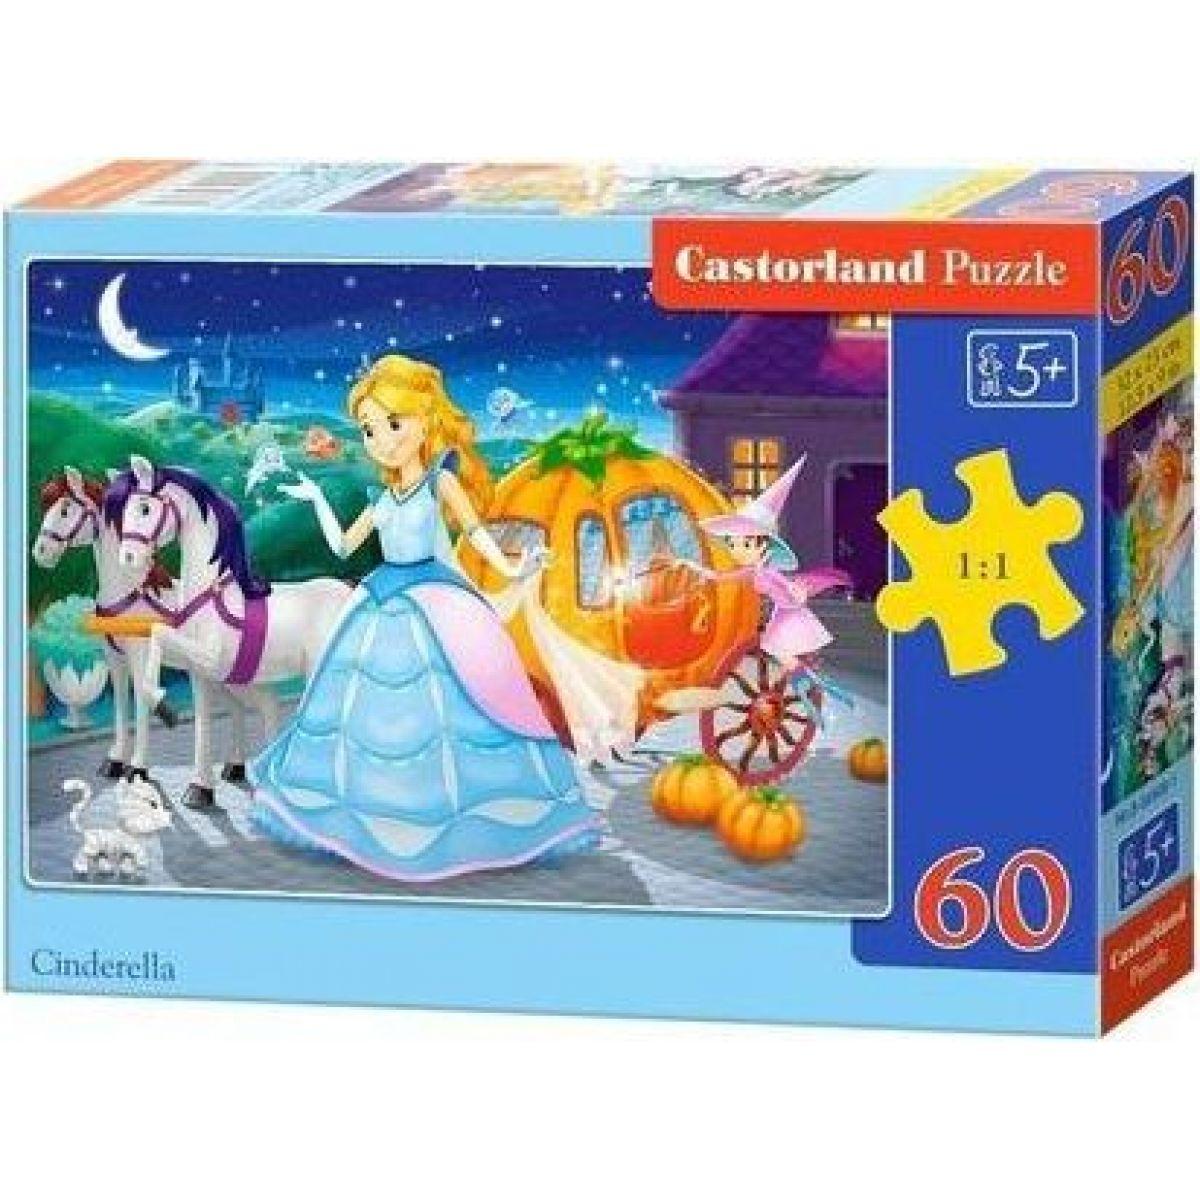 Castorland Puzzle Popoluška 60 dielikov